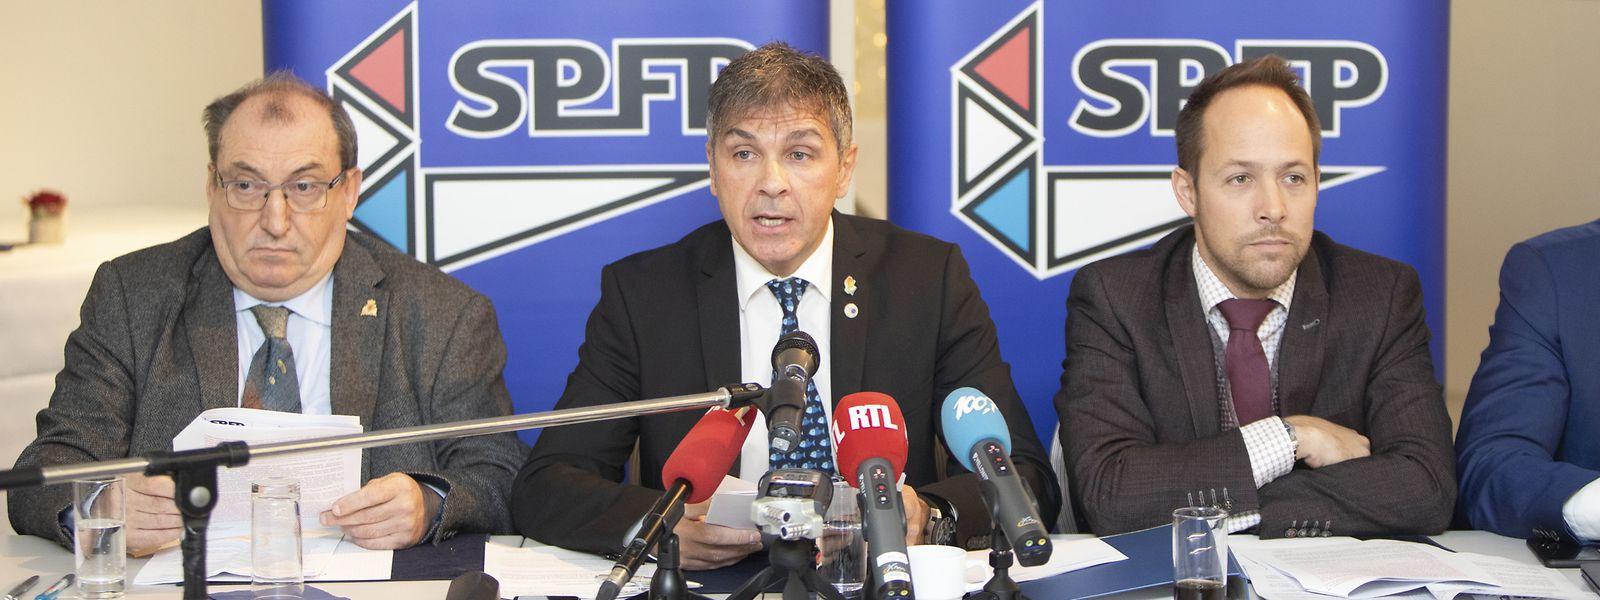 De gauche à droite: Patrick Frantz, président honoraire du SPAL, Pascal Ricquier, président du SPFP, et Christian Schleck, président du SPAL.